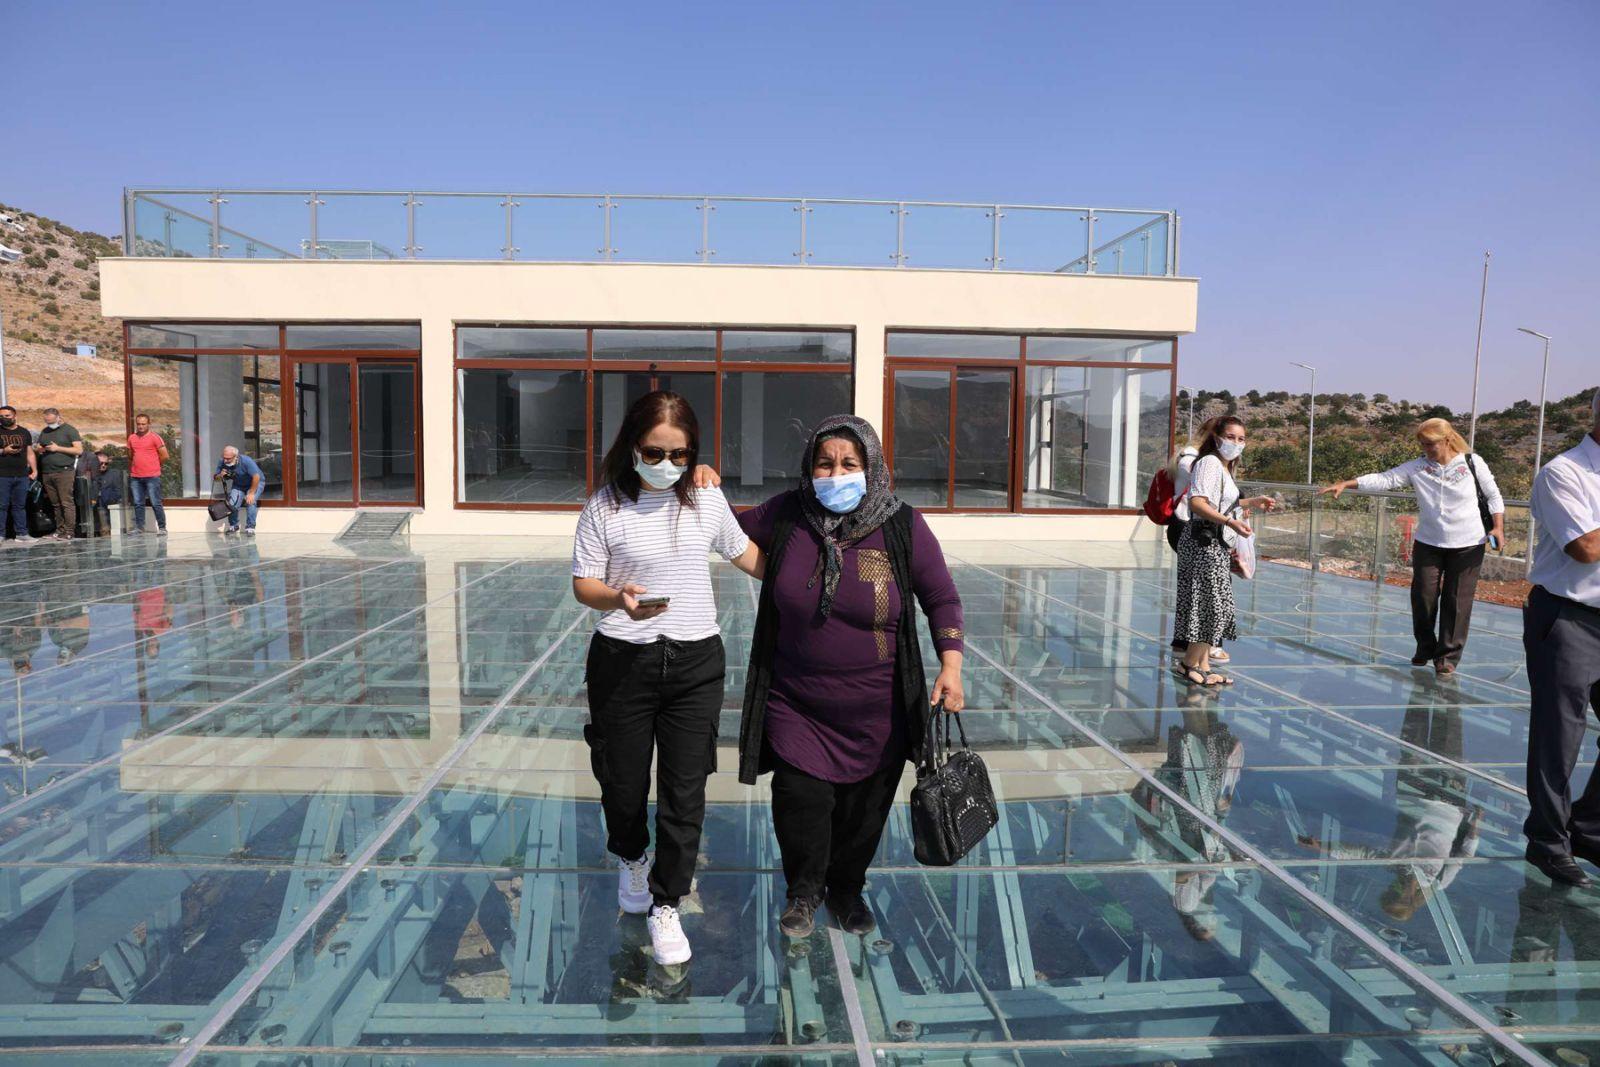 Gaziantep'de 150 metre yüksekteki cam teras ziyaretçilere açıldı! Burada yürümek cesaret ister - Resim: 1